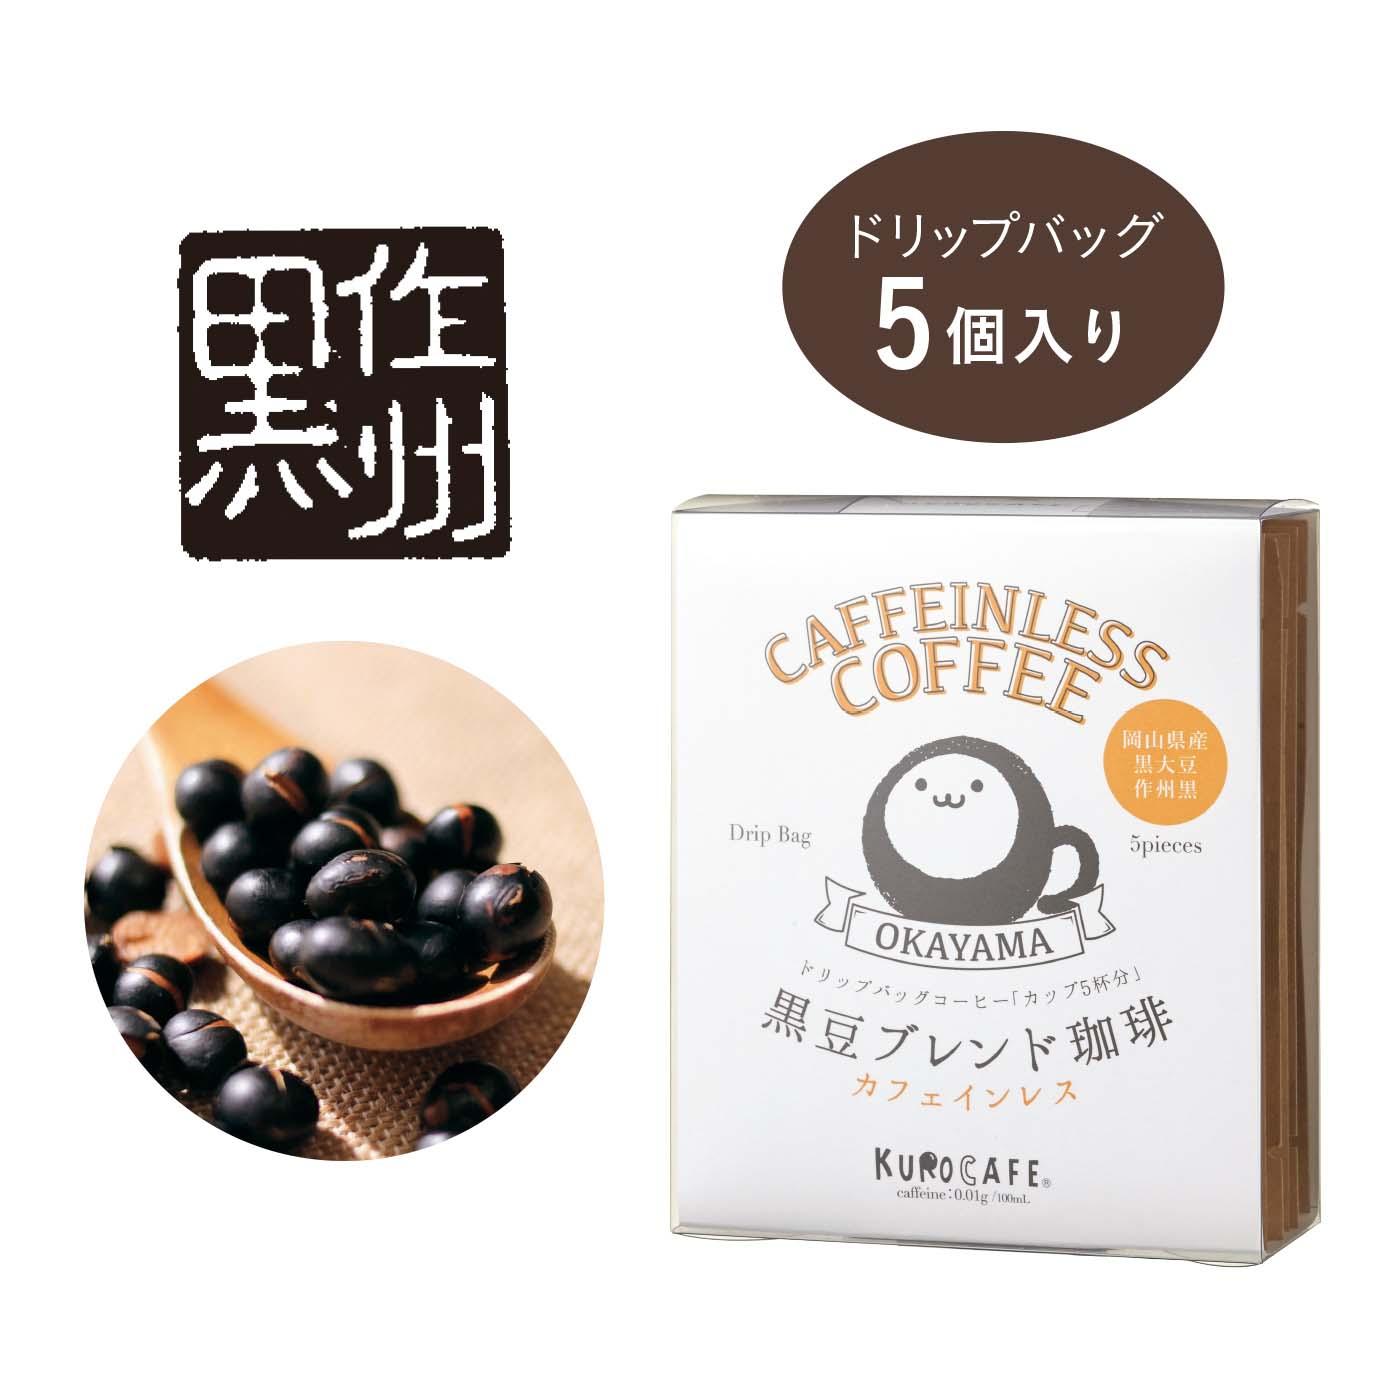 <黒豆ブレンド珈琲>作州黒とコロンビア産コーヒー豆を使用。黒豆の豊かな風味とコロンビアコーヒーの香ばしさが絶妙にマッチした酸味控えめのやわらかな味わいです。